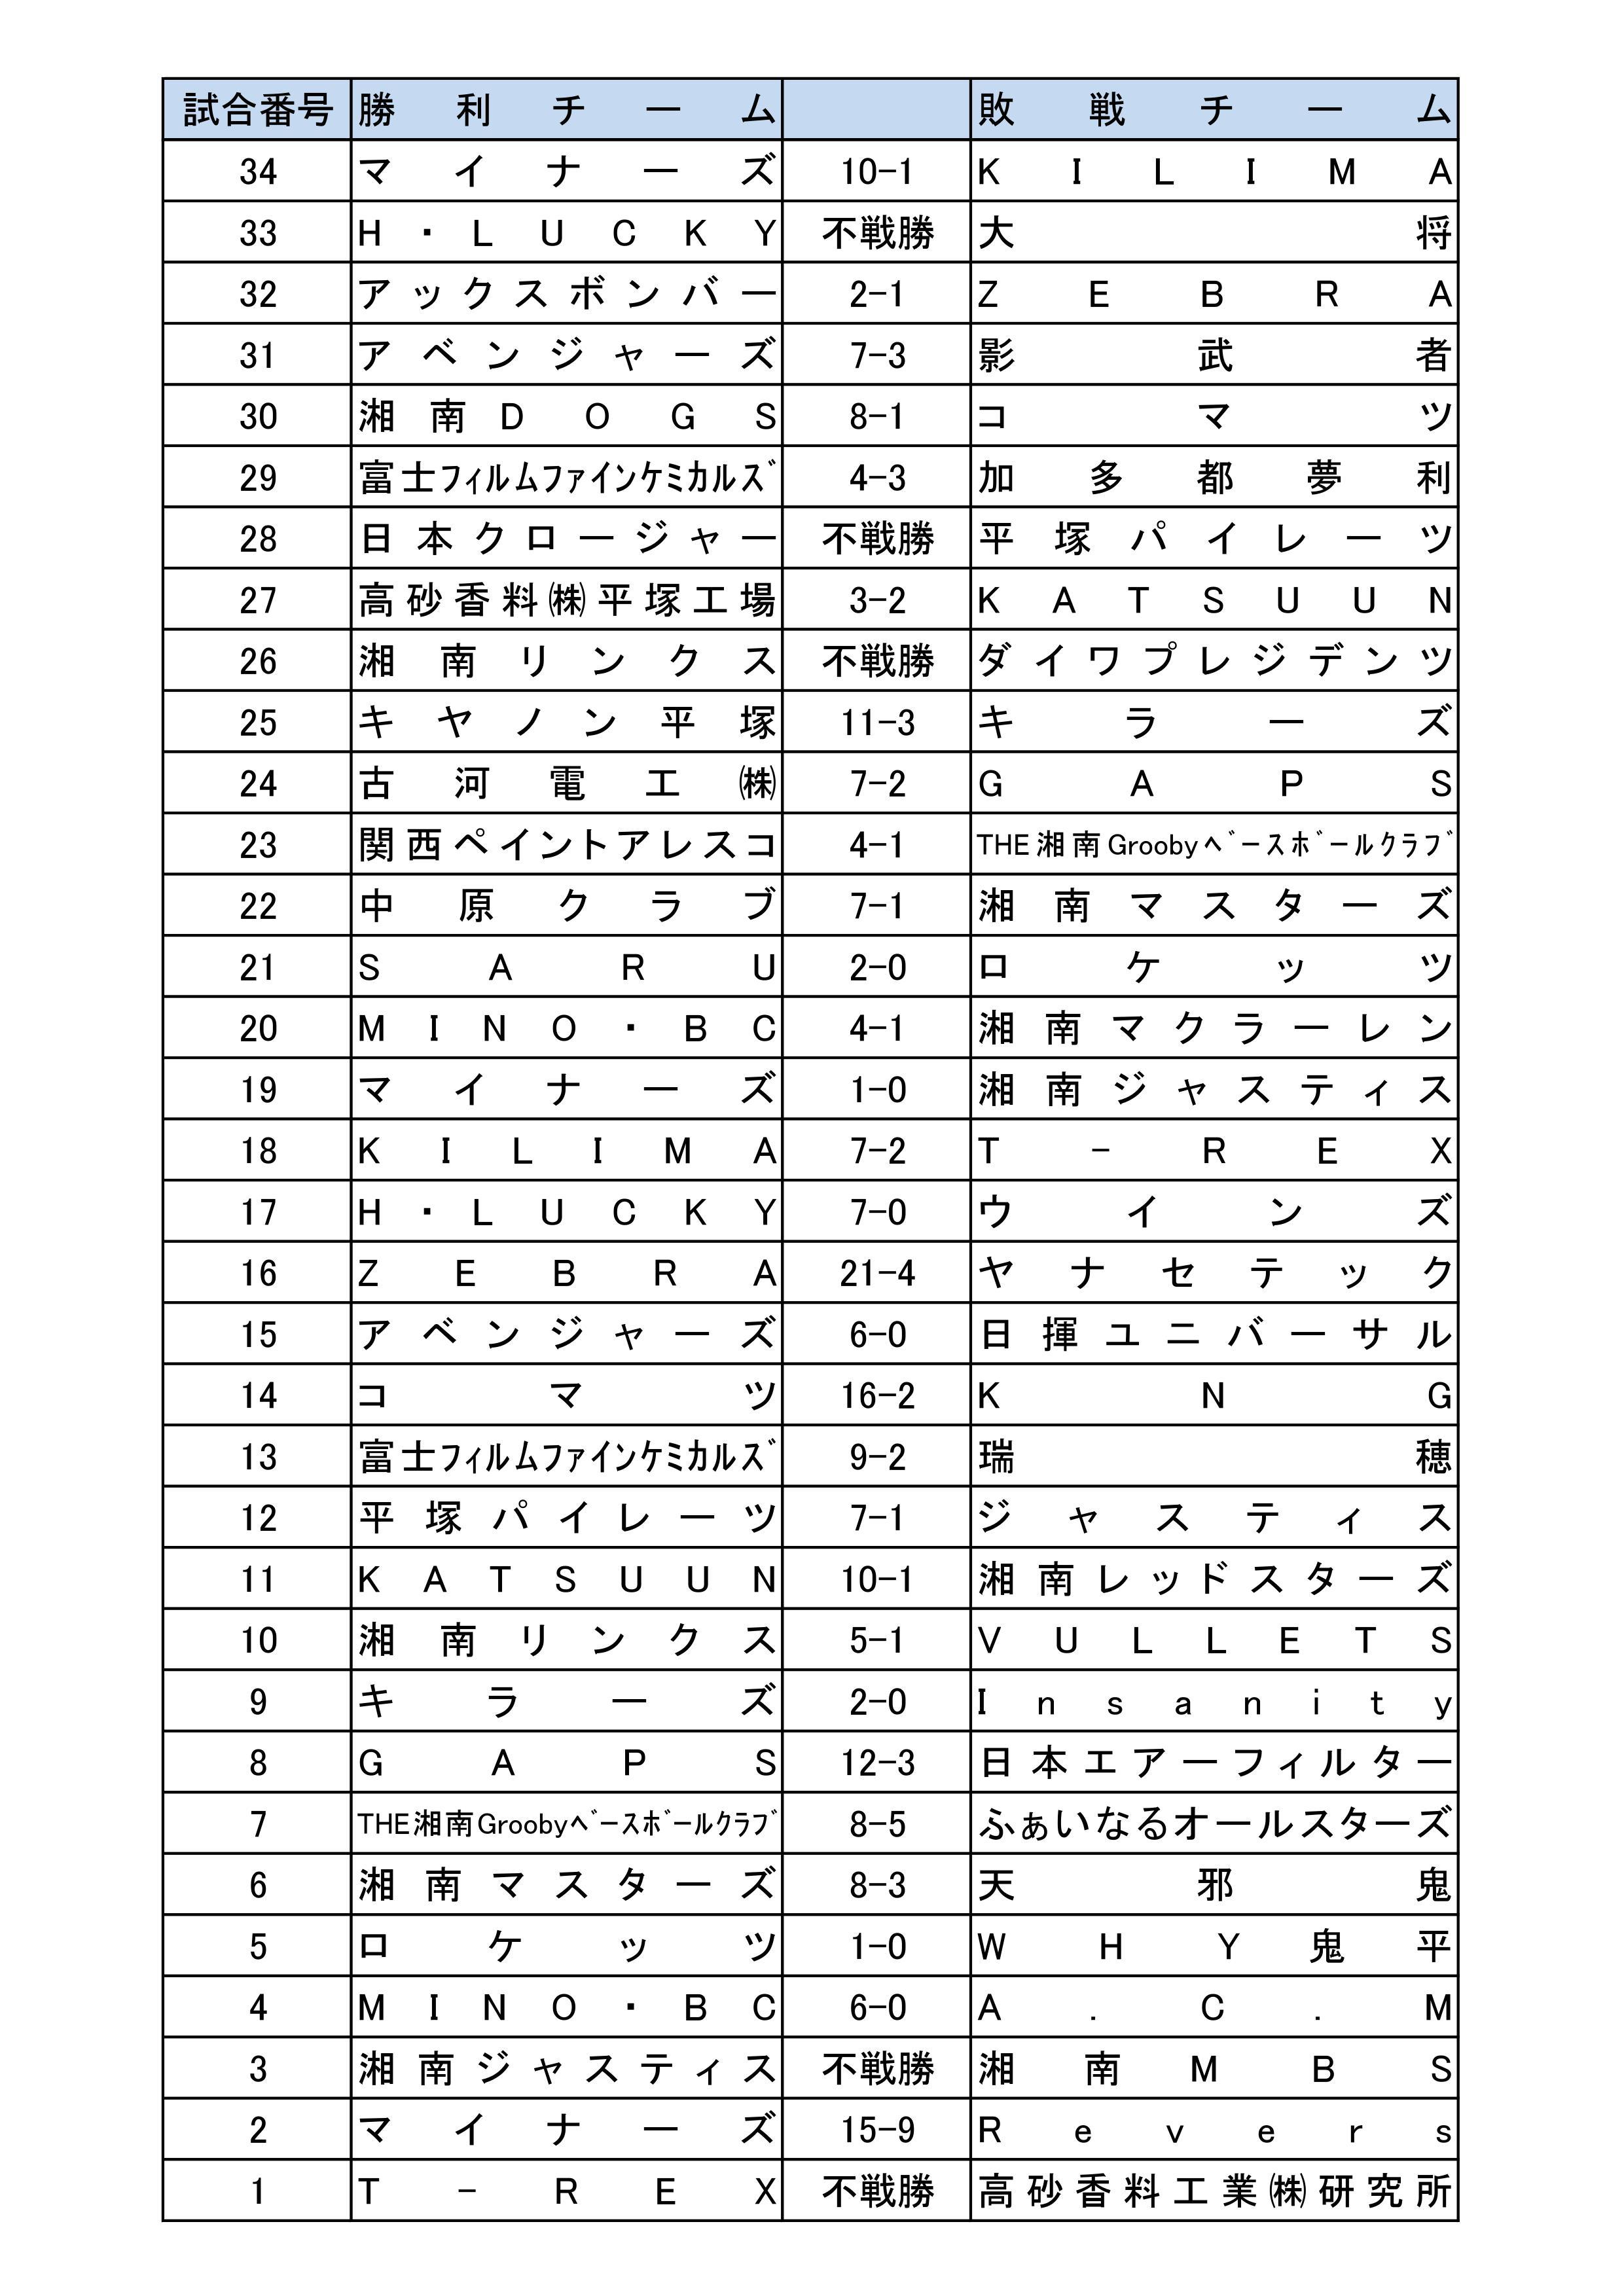 平成29年度春季大会結果2/2